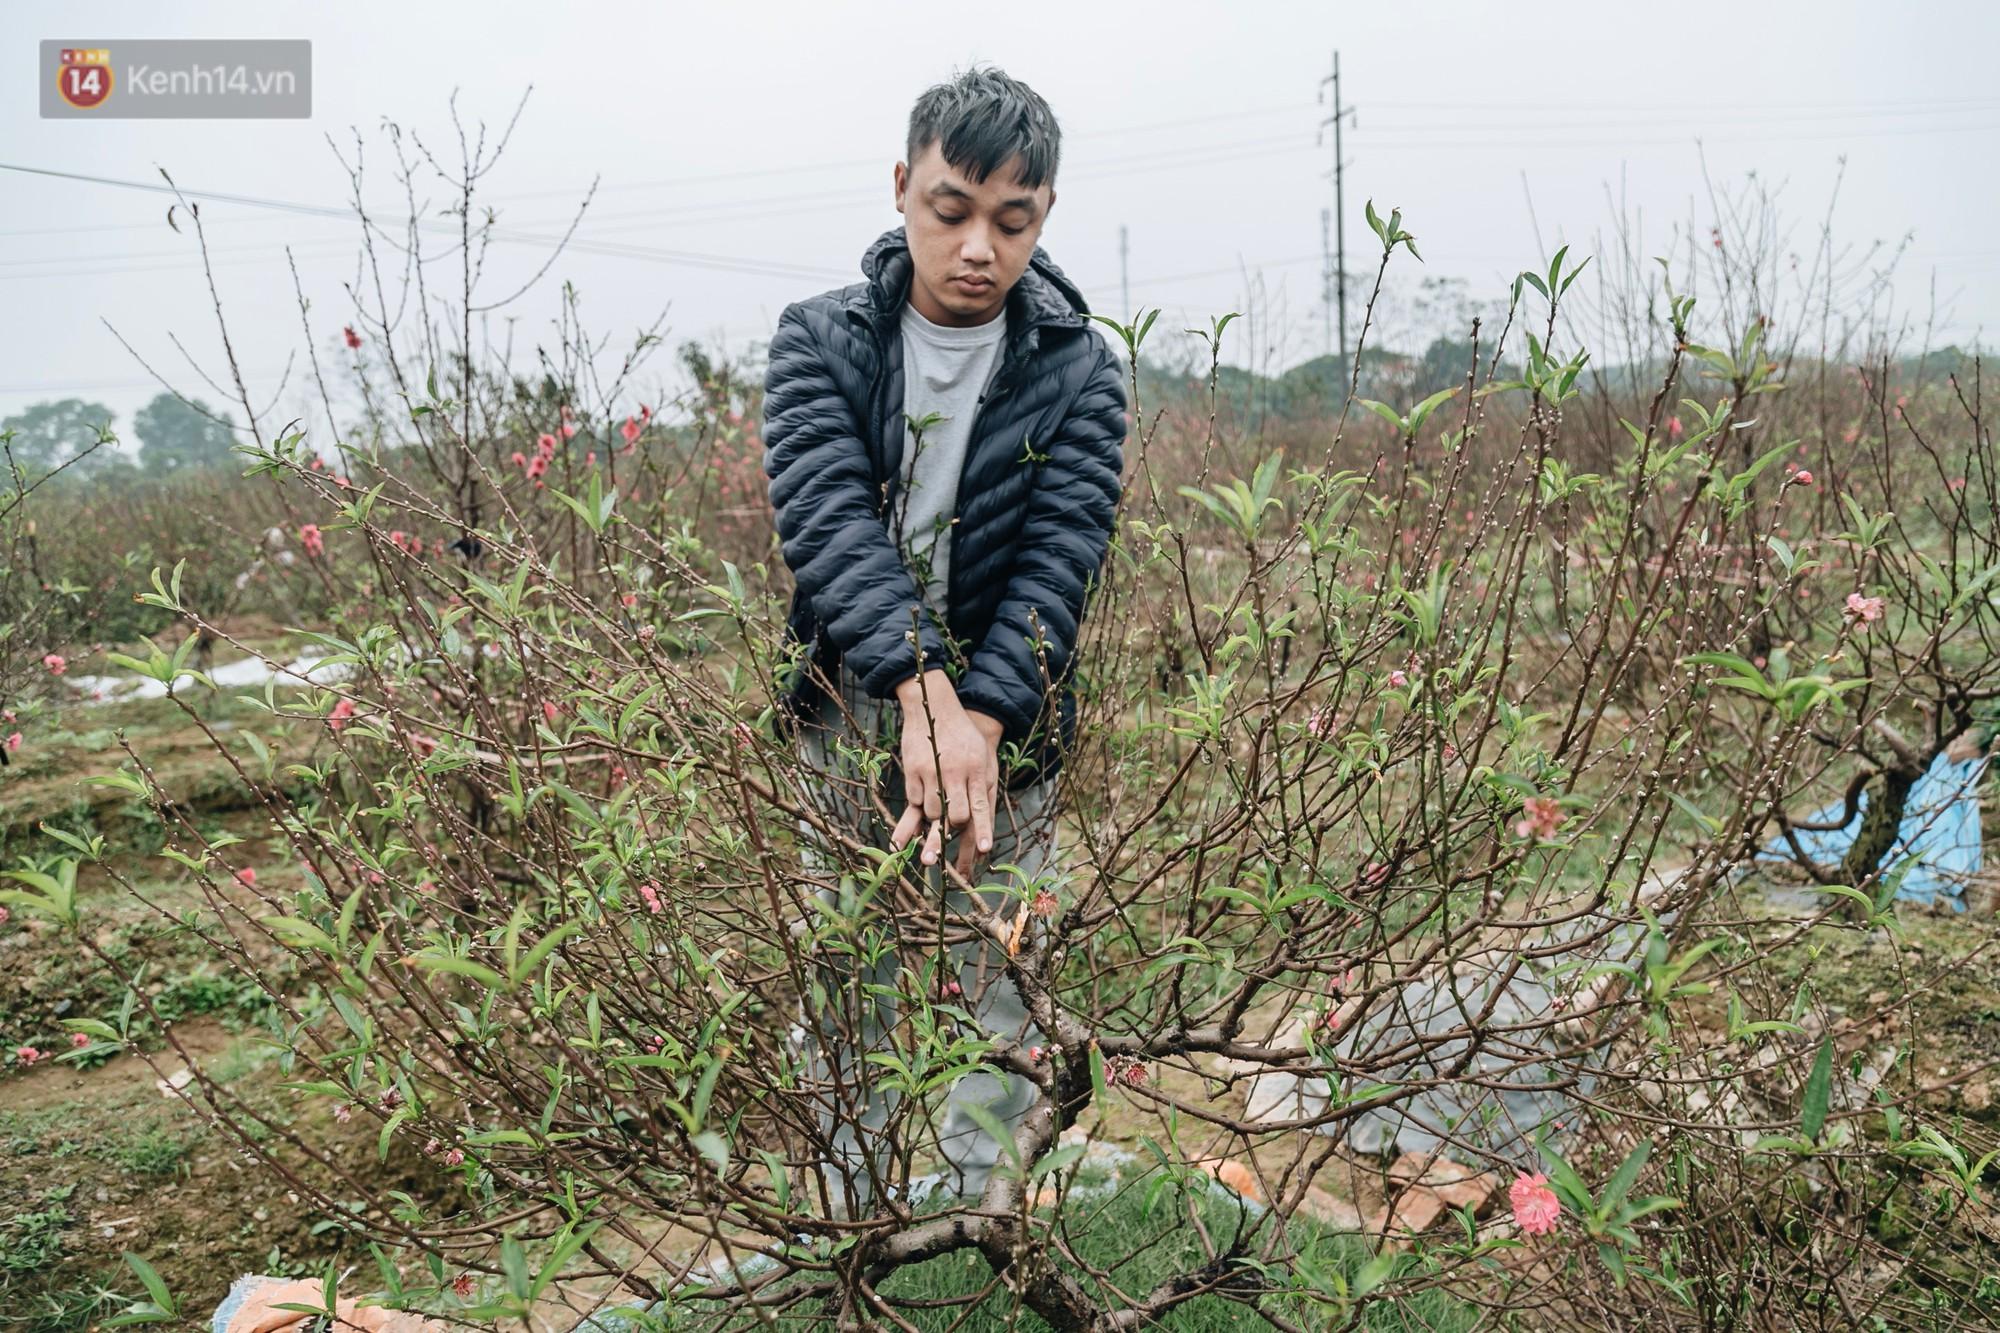 Gần 200 gốc đào của người dân Bắc Ninh bị chặt phá trong đêm: Tết năm nay còn chả có bánh chưng mà ăn-14